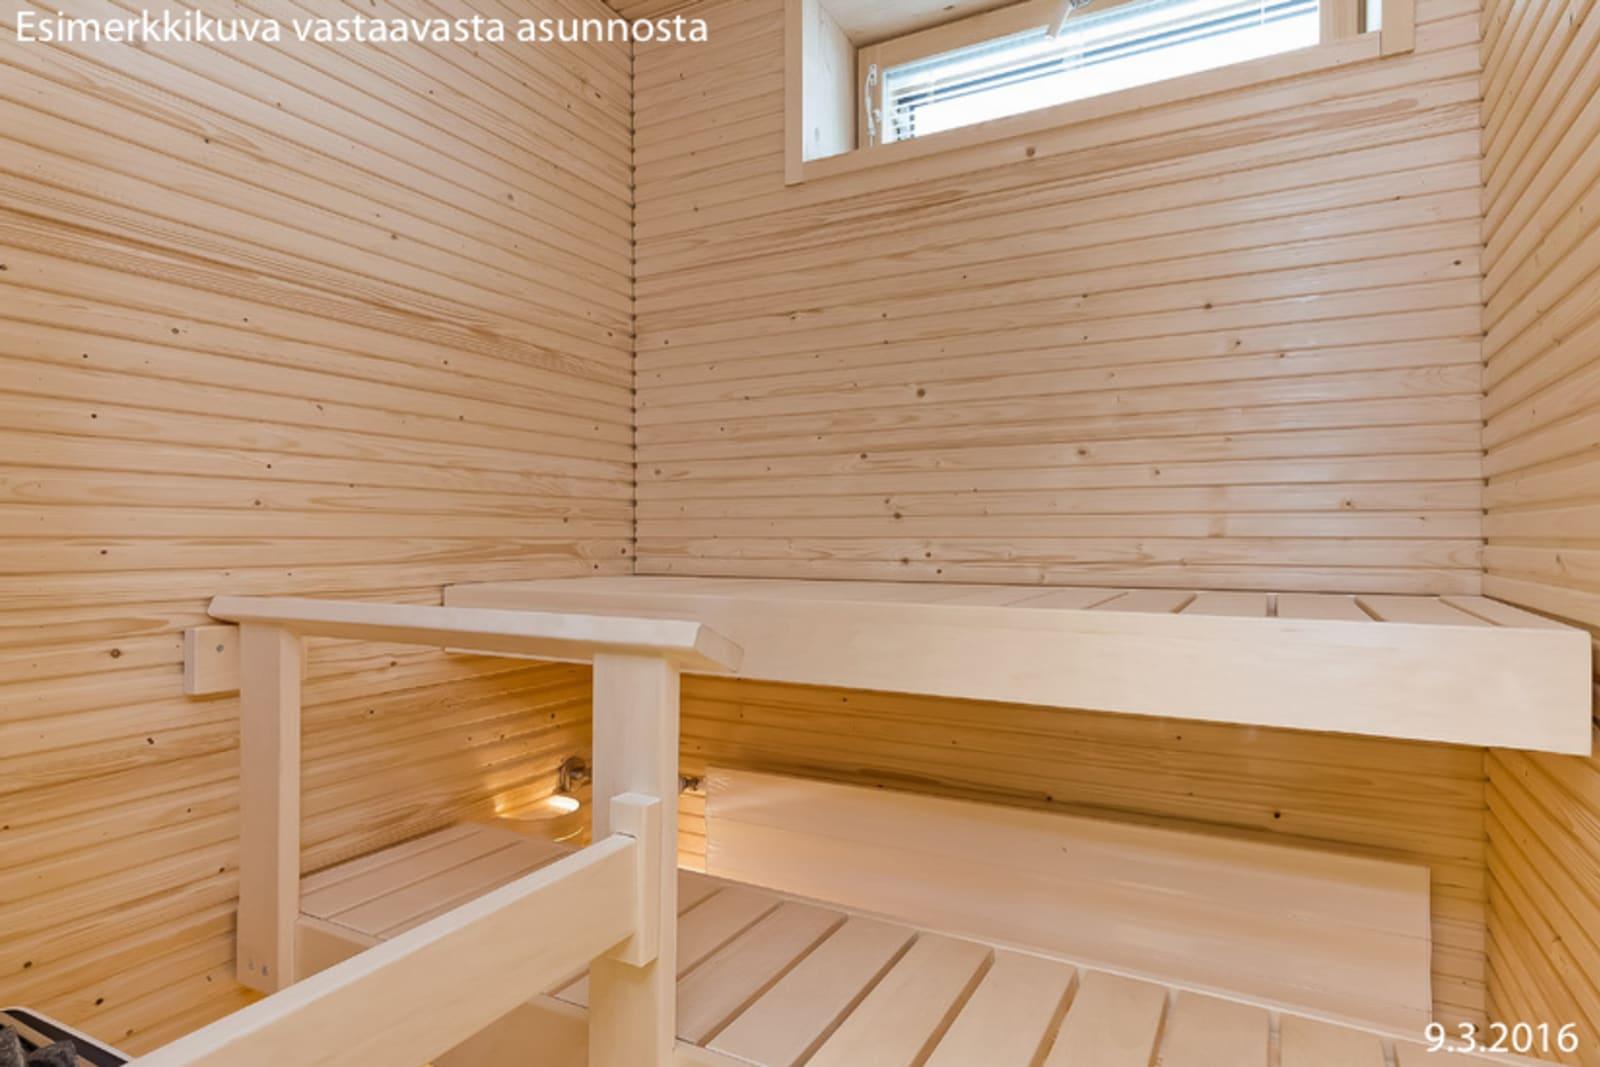 Vantaa, Rajakylä, Sompakuja 2-4 A 006